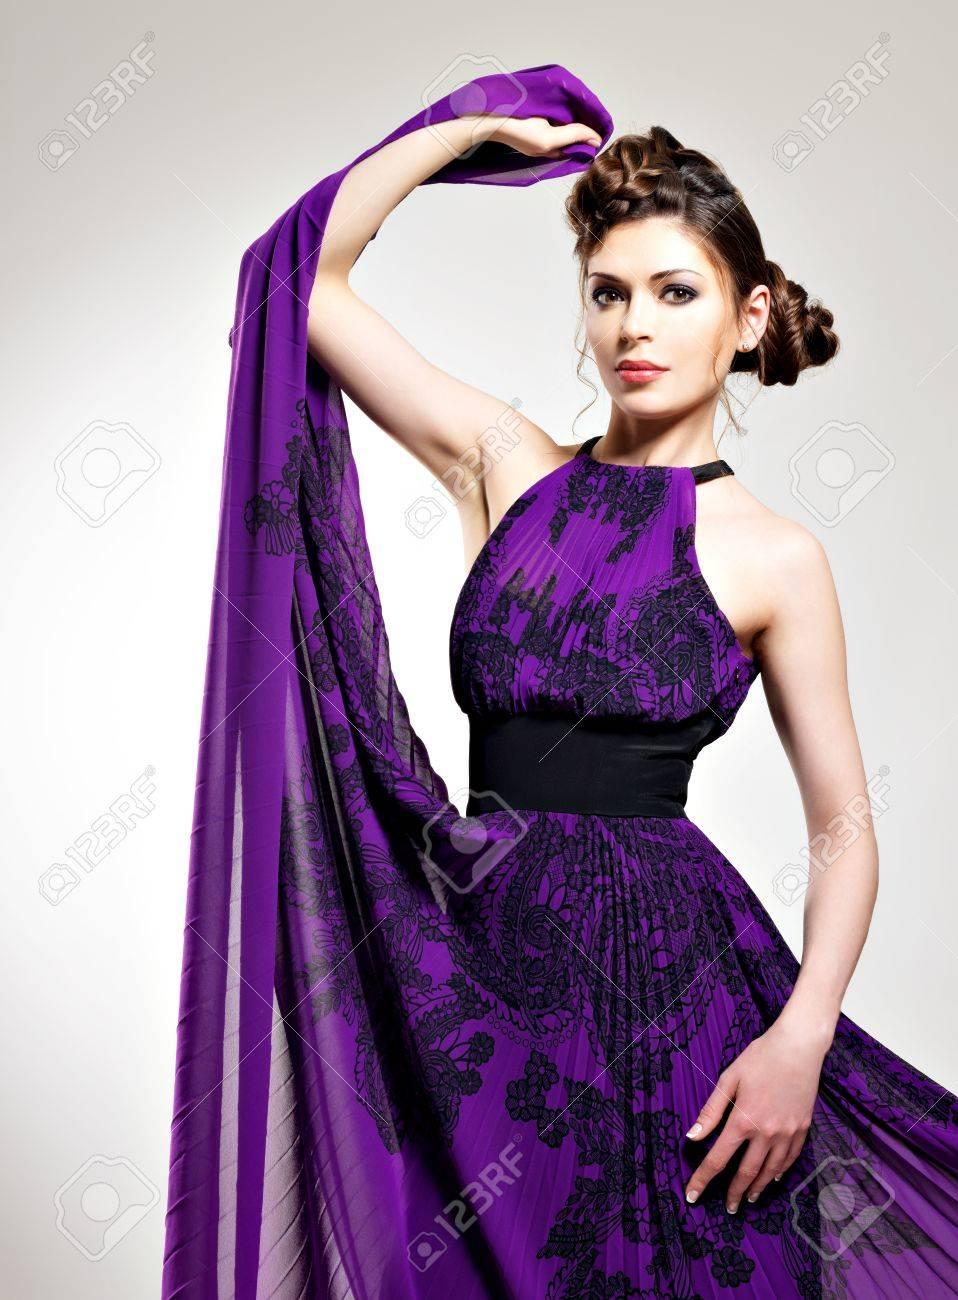 Moda Mujer Hermosa En Peinado Púrpura Vestido Largo Con Trenzas Diseño Posa En El Estudio